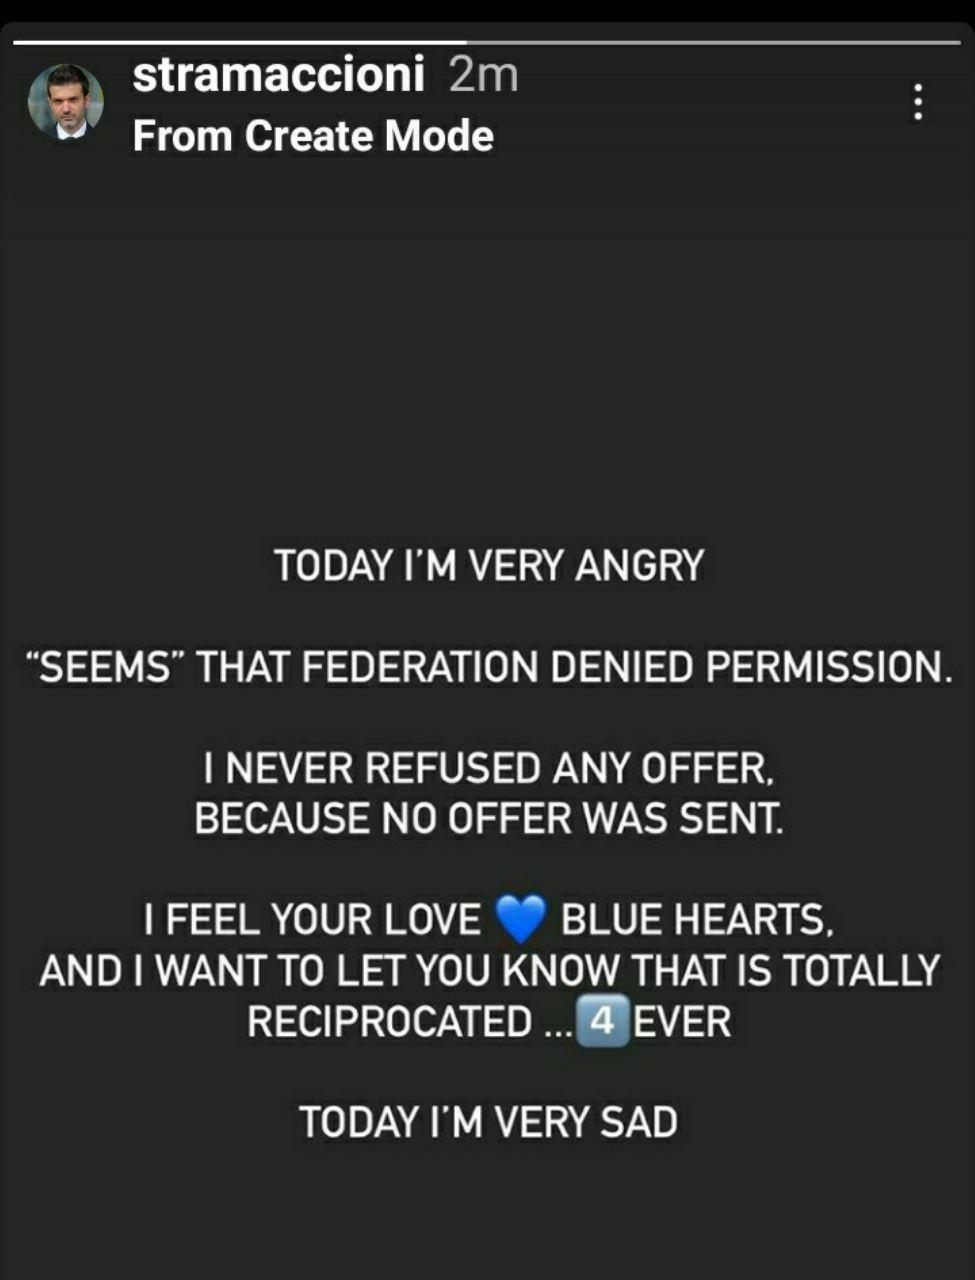 استوری جنجالی استراماچونی: امروز بسیار عصبانی هستم/ پیشنهادی در کار نبود!